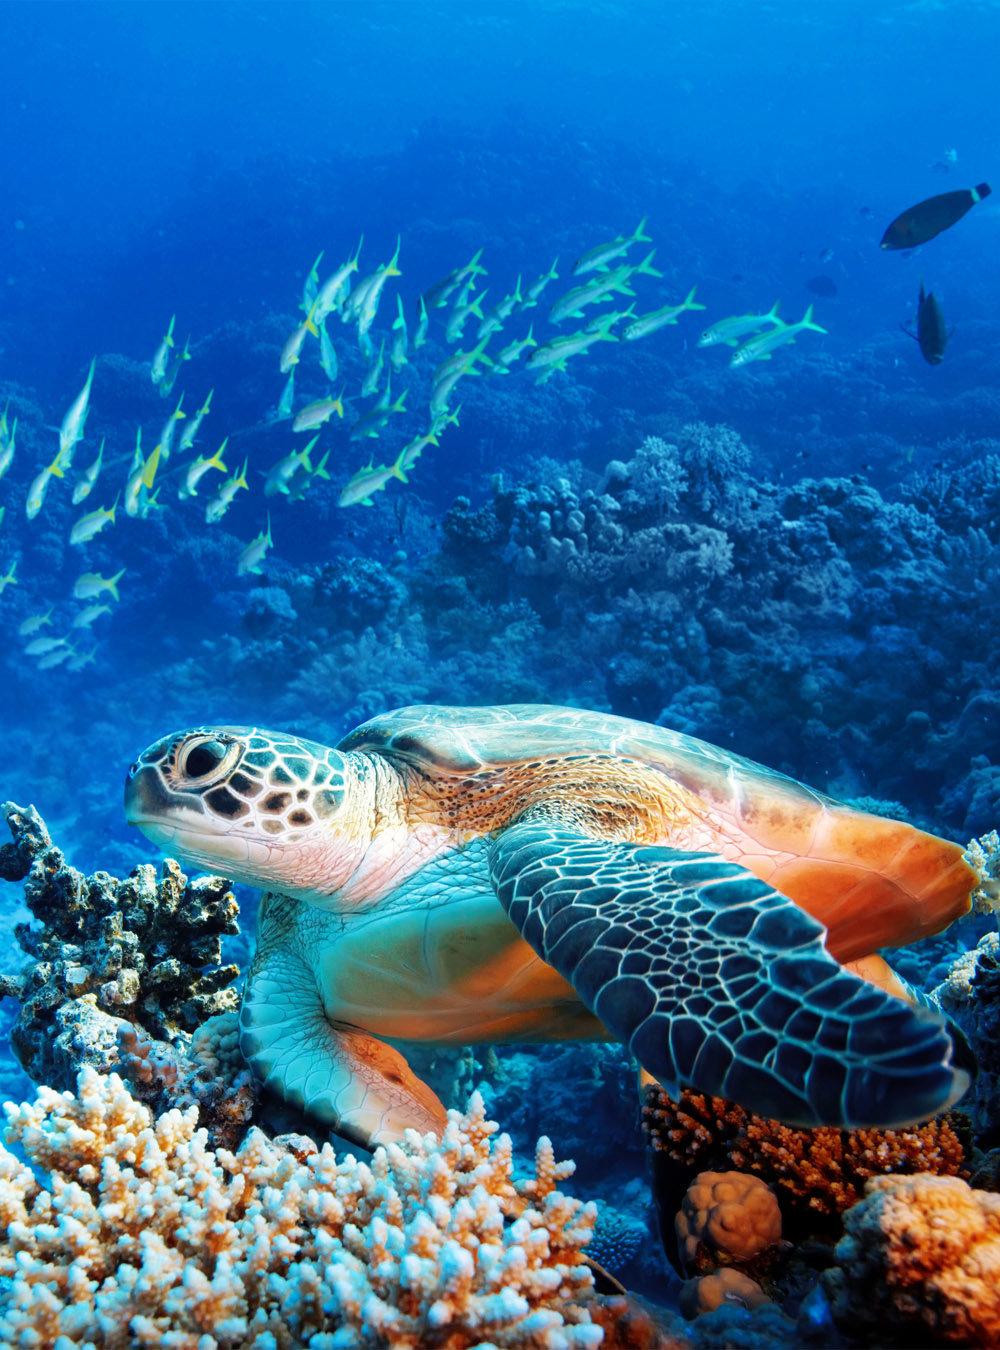 Картинки океанов мира, приколов картинок поздравительные